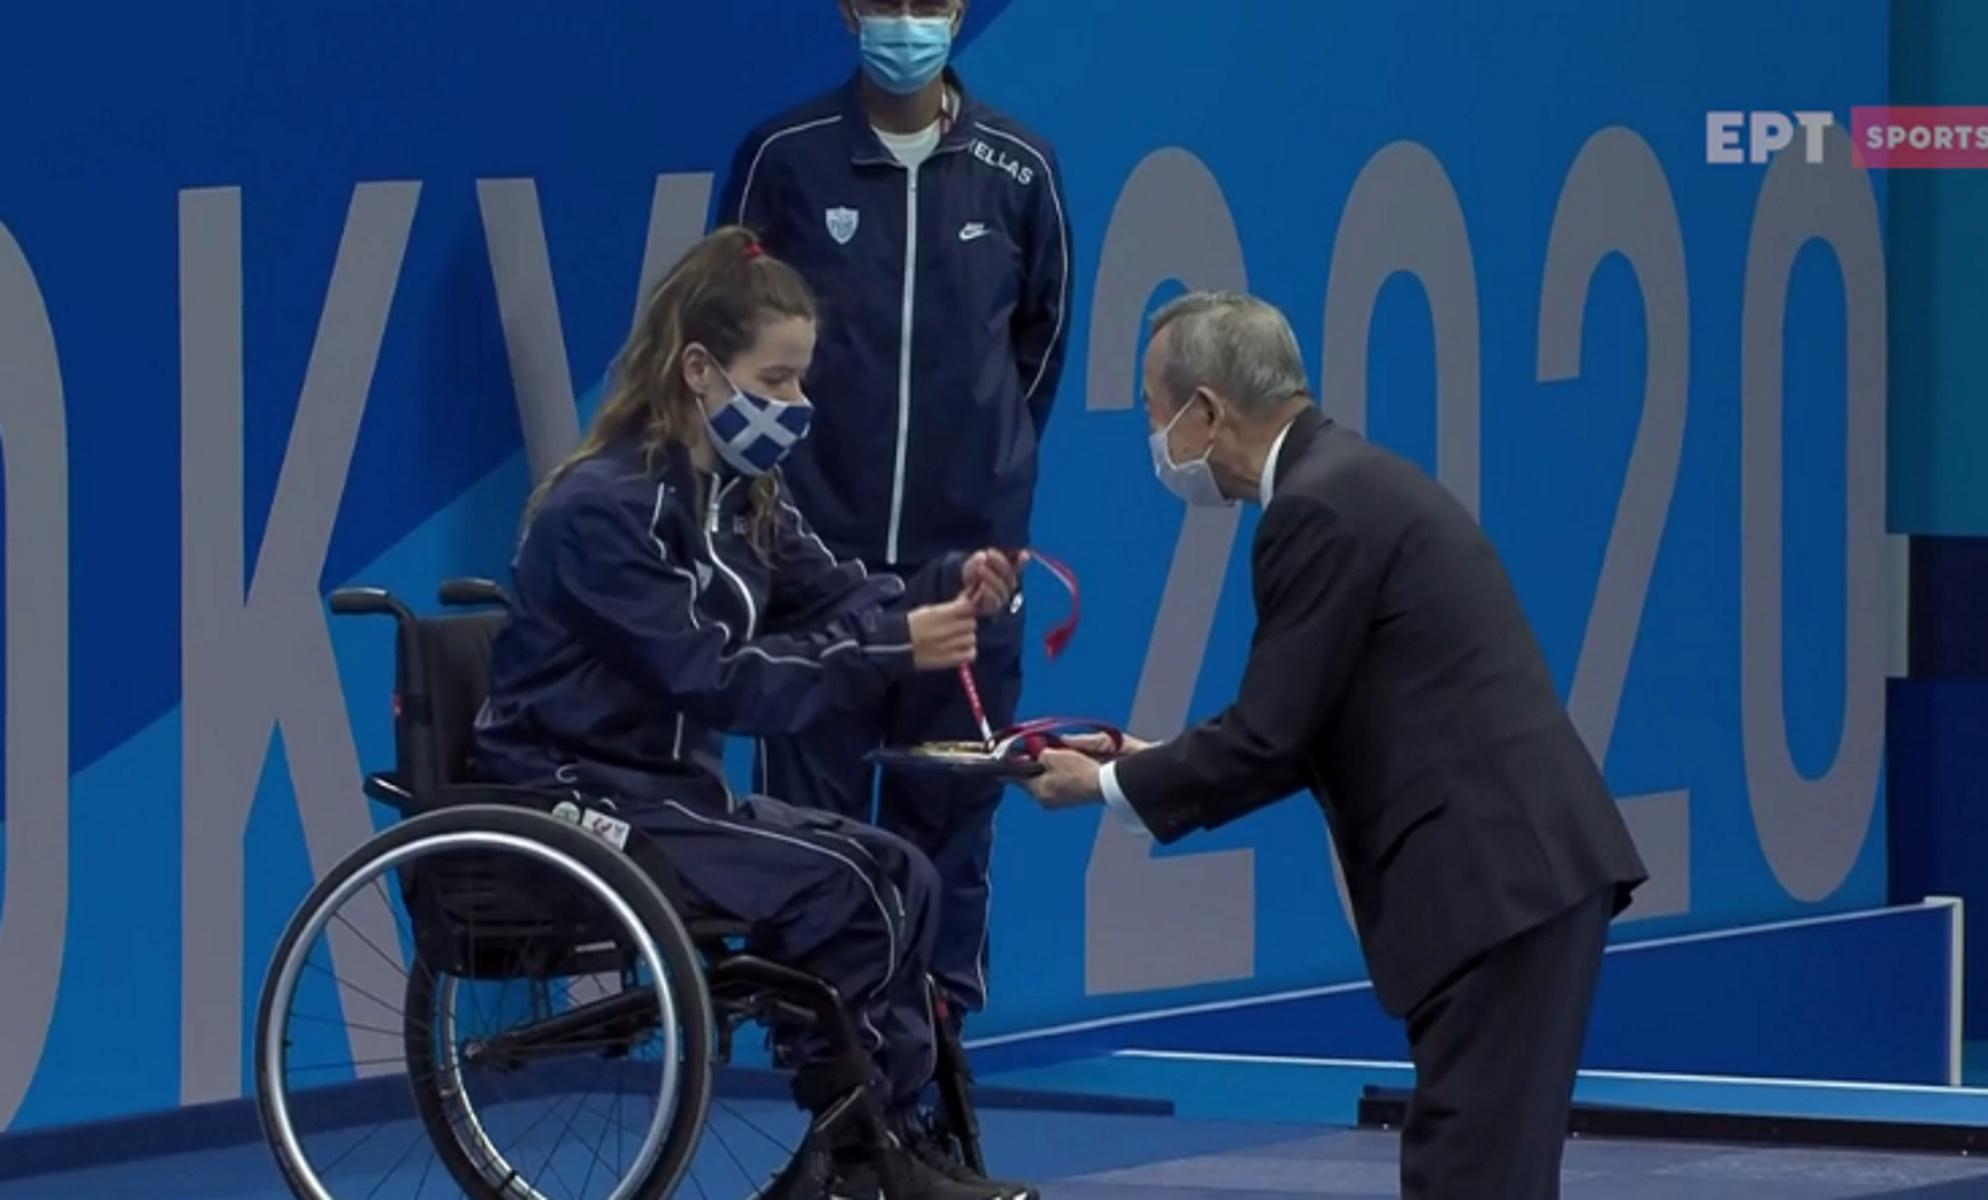 Παραολυμπιακοί Αγώνες: Η απονομή της «χάλκινης» Σταματοπούλου